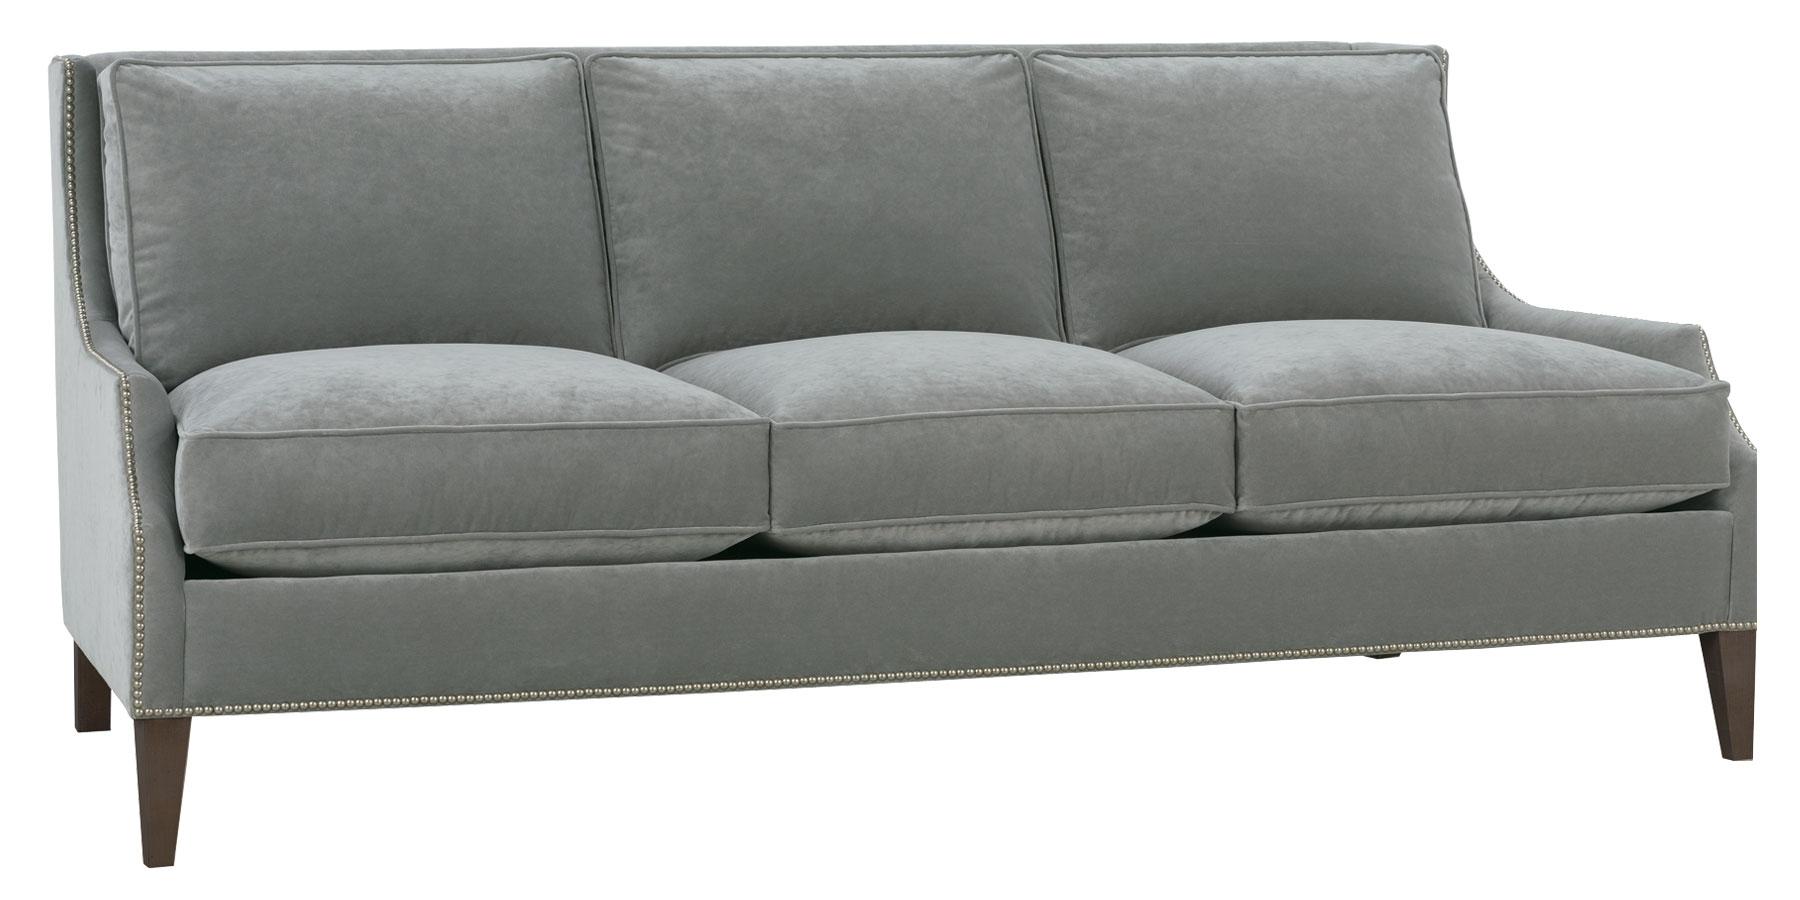 10 ideas of apartment size sofas sofa ideas for Best apartment size sofas